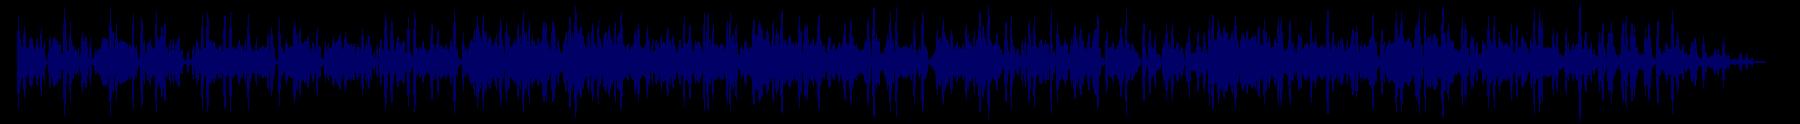 waveform of track #77763